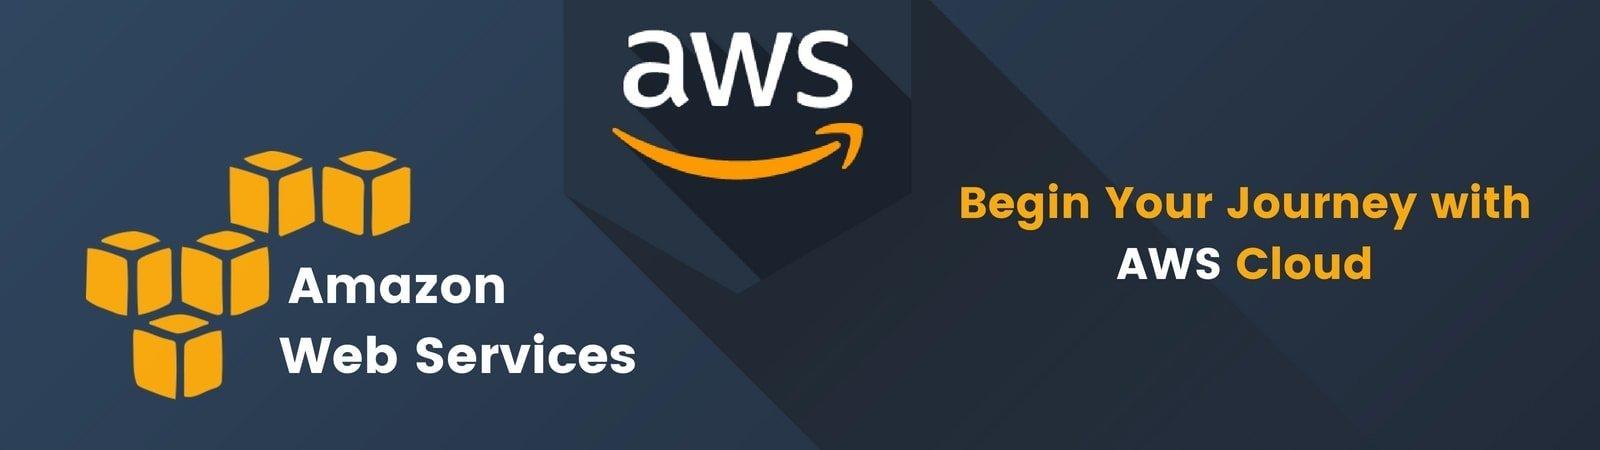 AWS Banner